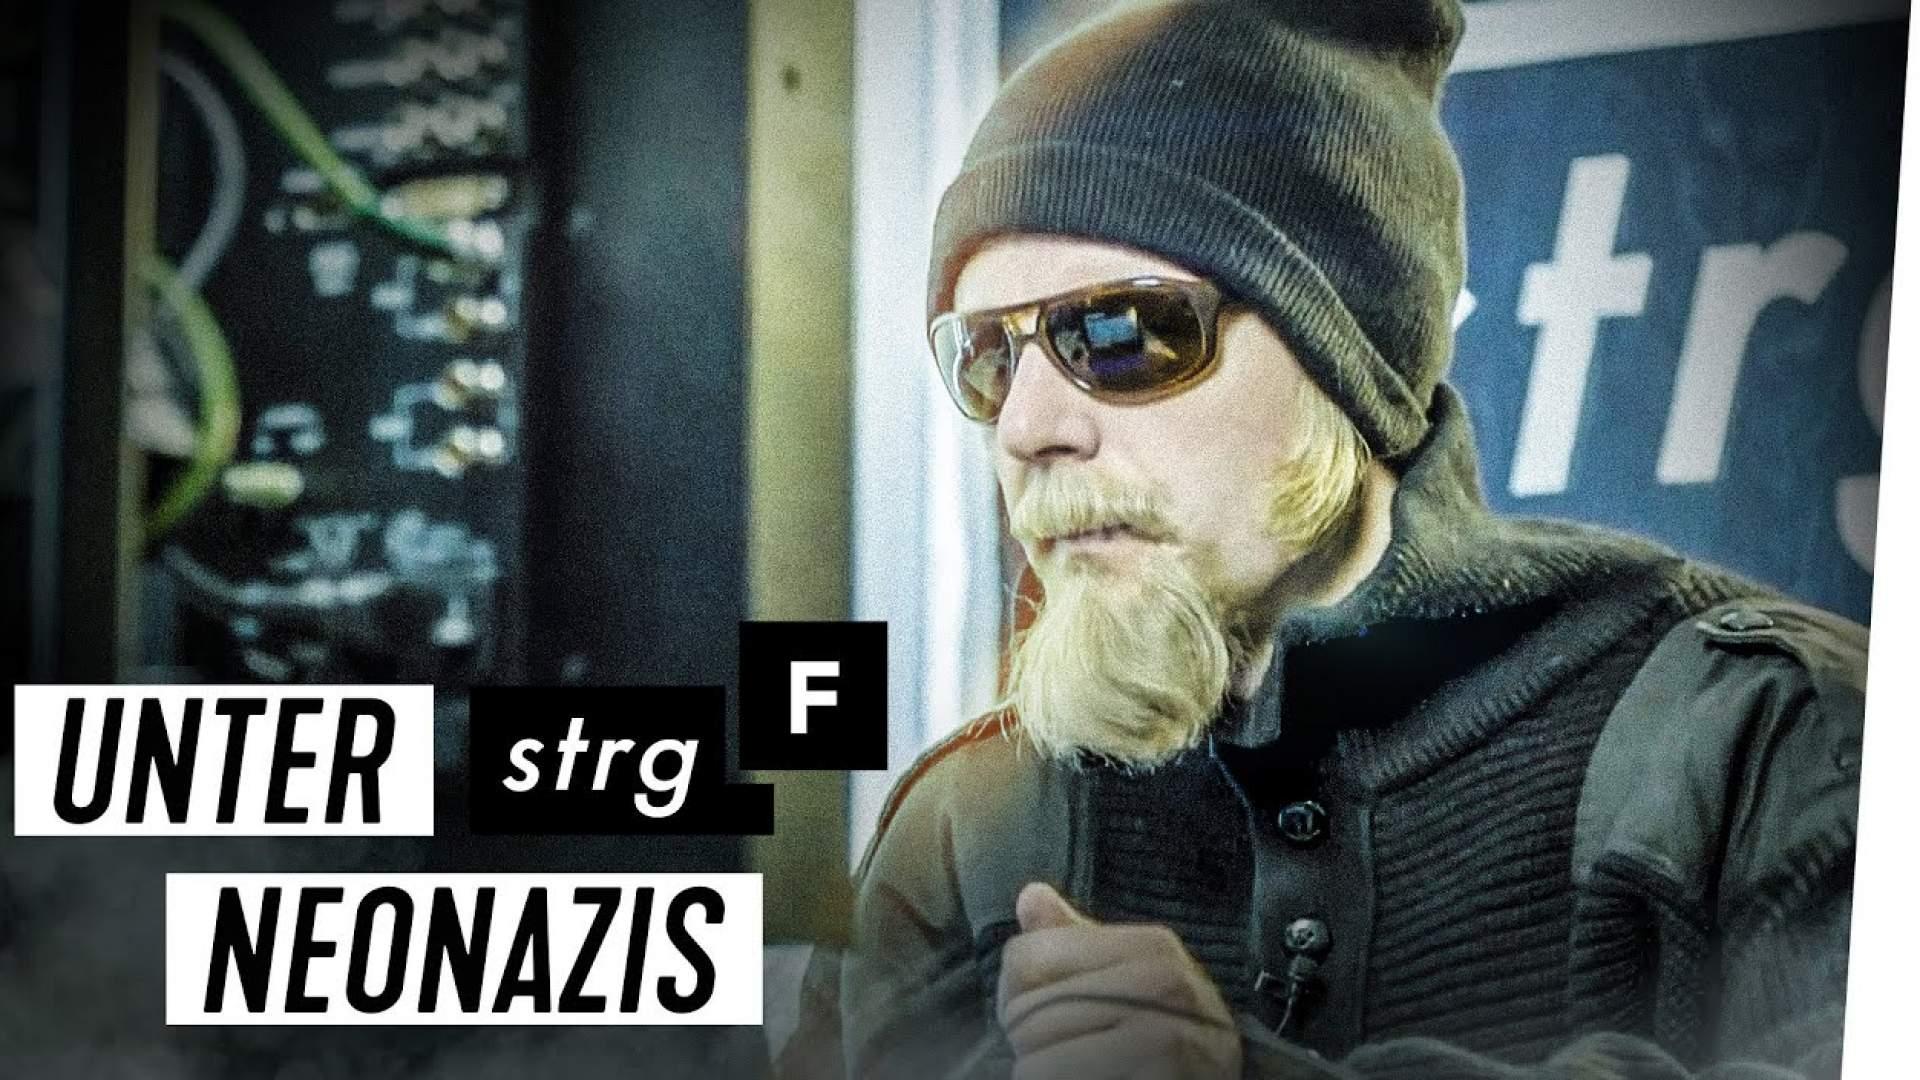 VIDEO: Undercover - Das passiert auf einem Nazi-Konzert